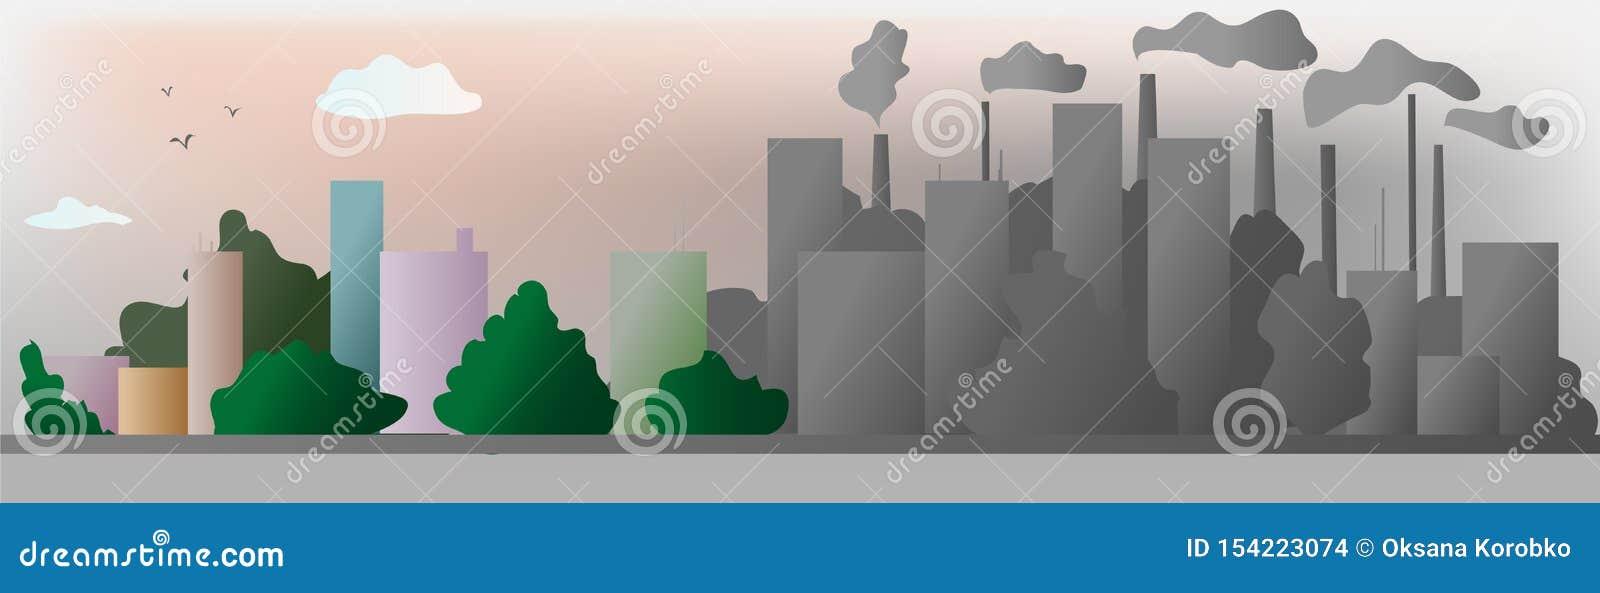 Помощь города экологичности серого цвета и цвета мир с дружественными к эко идеями концепции, иллюстрация вектора